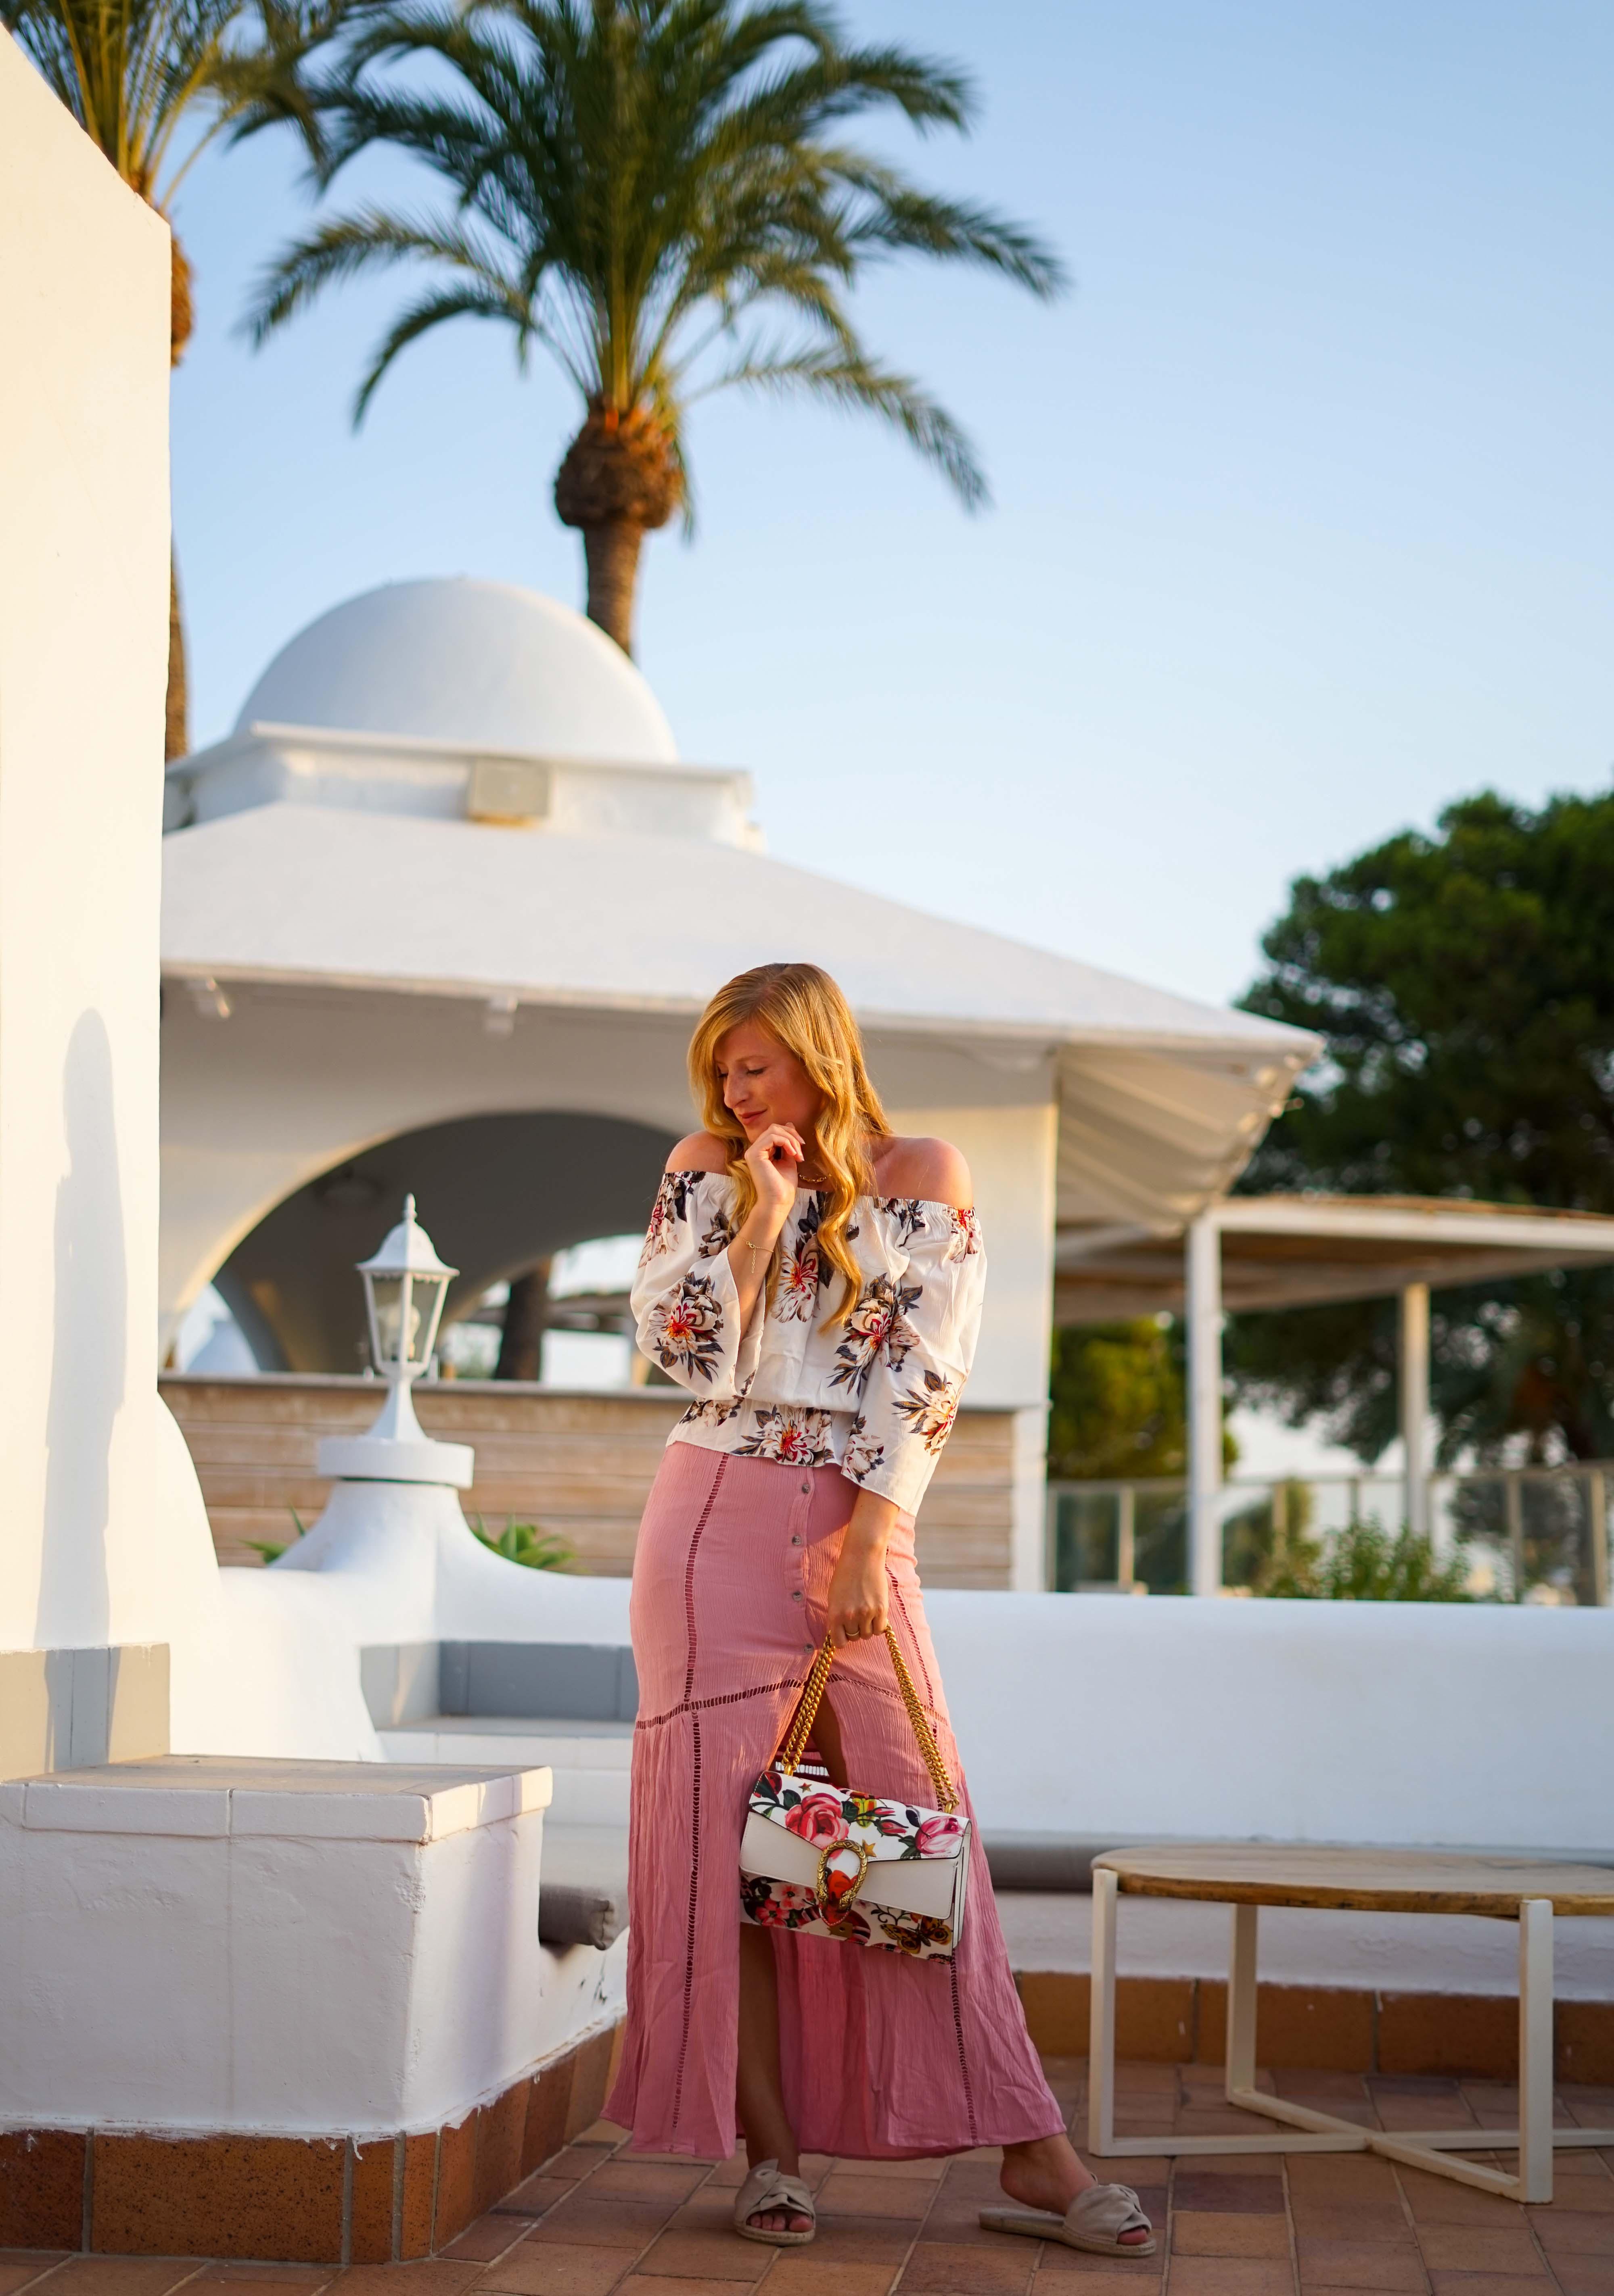 Rosa Maxirock Floral-Top goldene Accessoires Schmuck michael Kors Kette Kreolen Mallorca Golden Hour Sommerlook Urlaubsoutfit 1